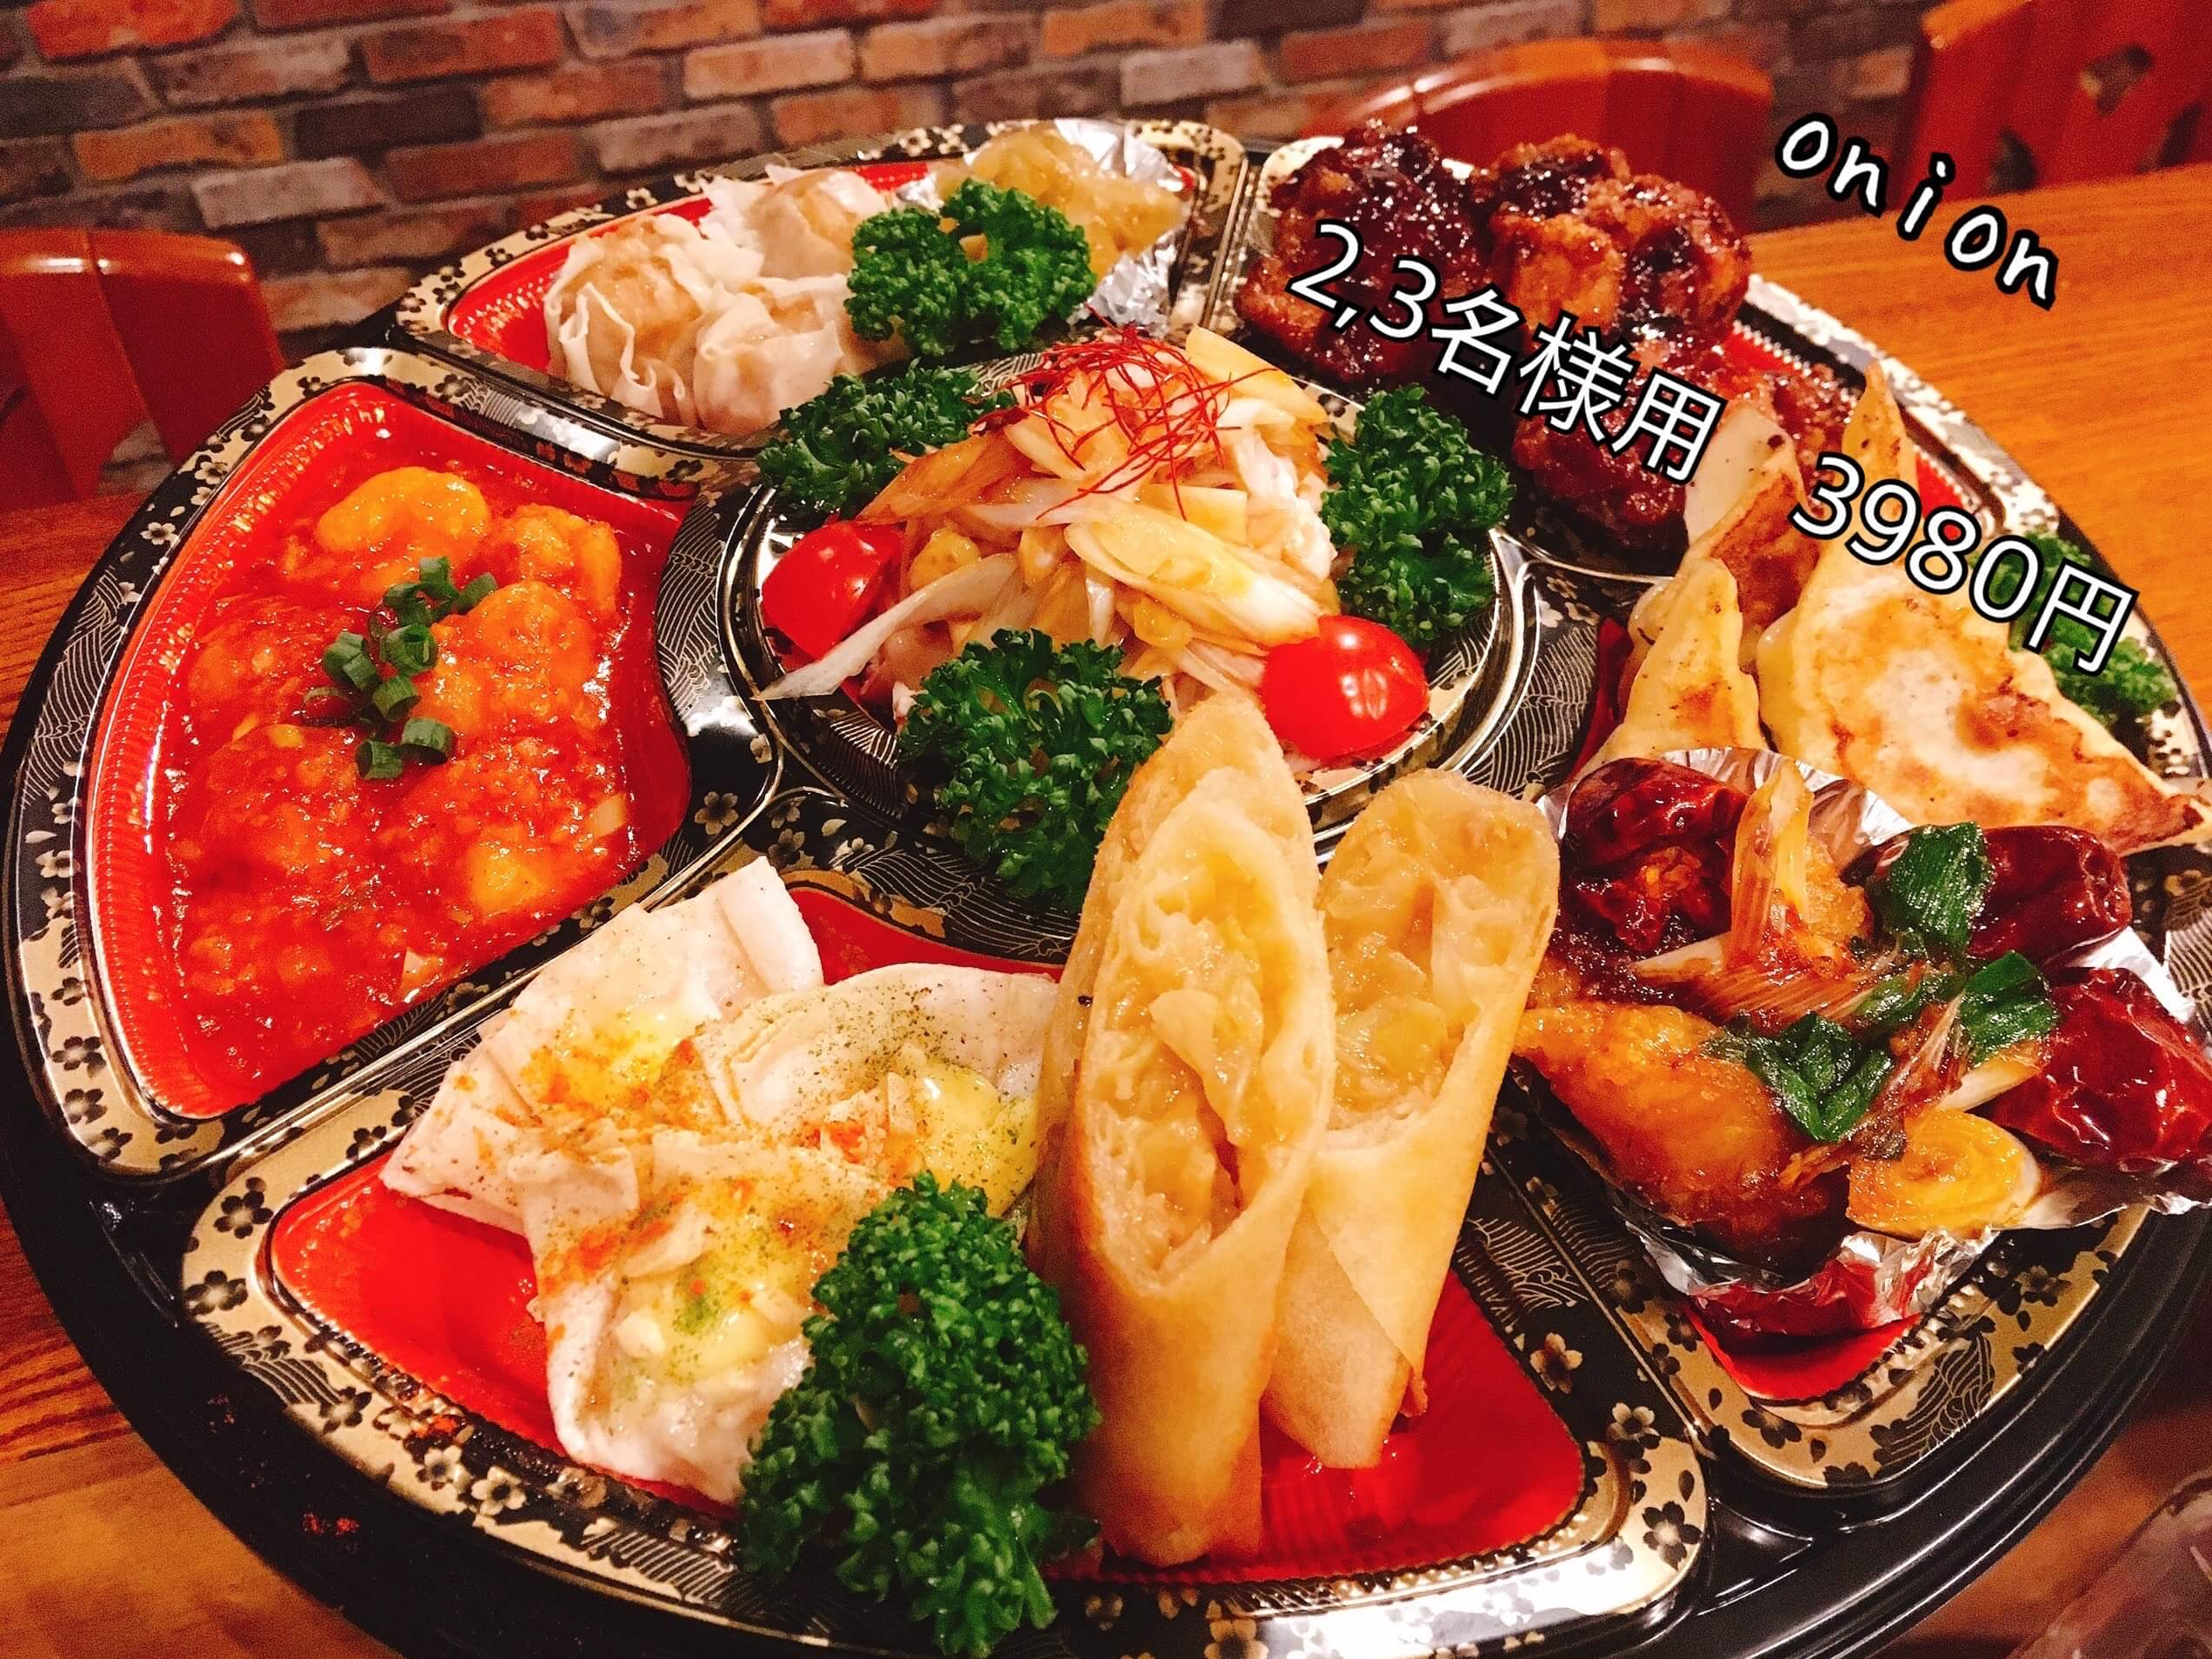 中華麺飯食堂 おによん